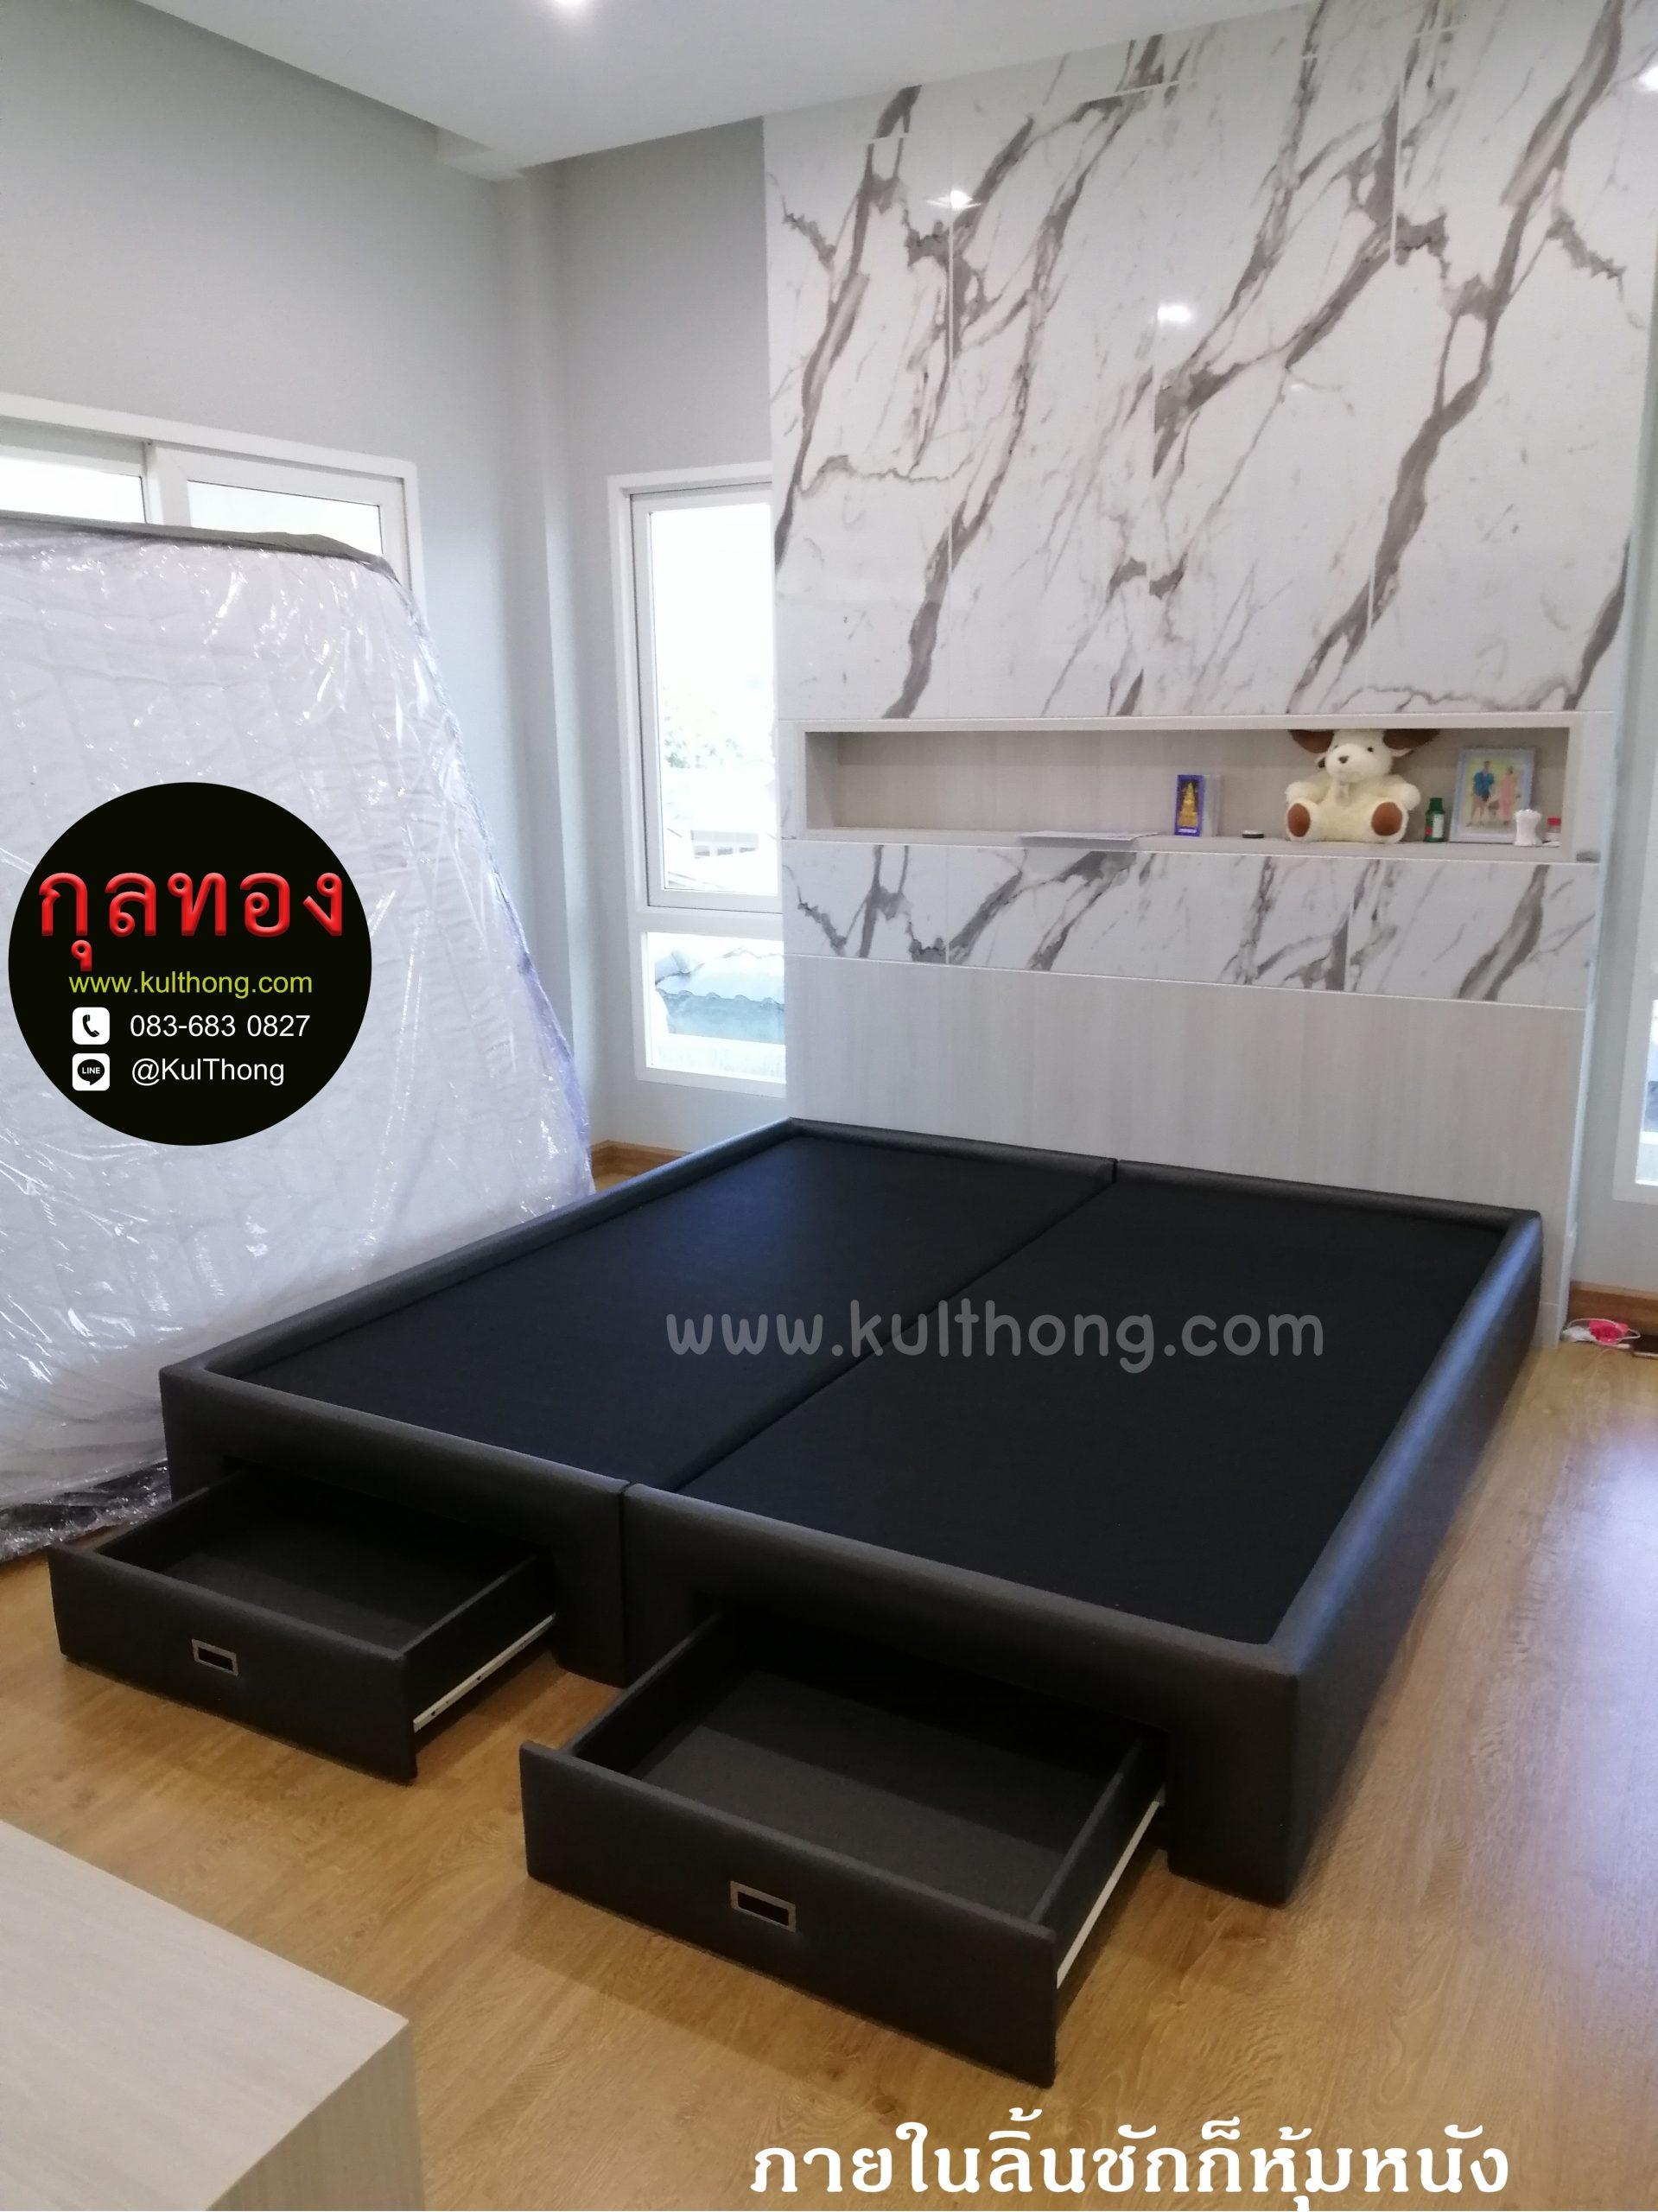 เตียงลิ้นชัก เตียงเก็บของ ฐานรองที่นอนแบบไม่มีหัวเตียง